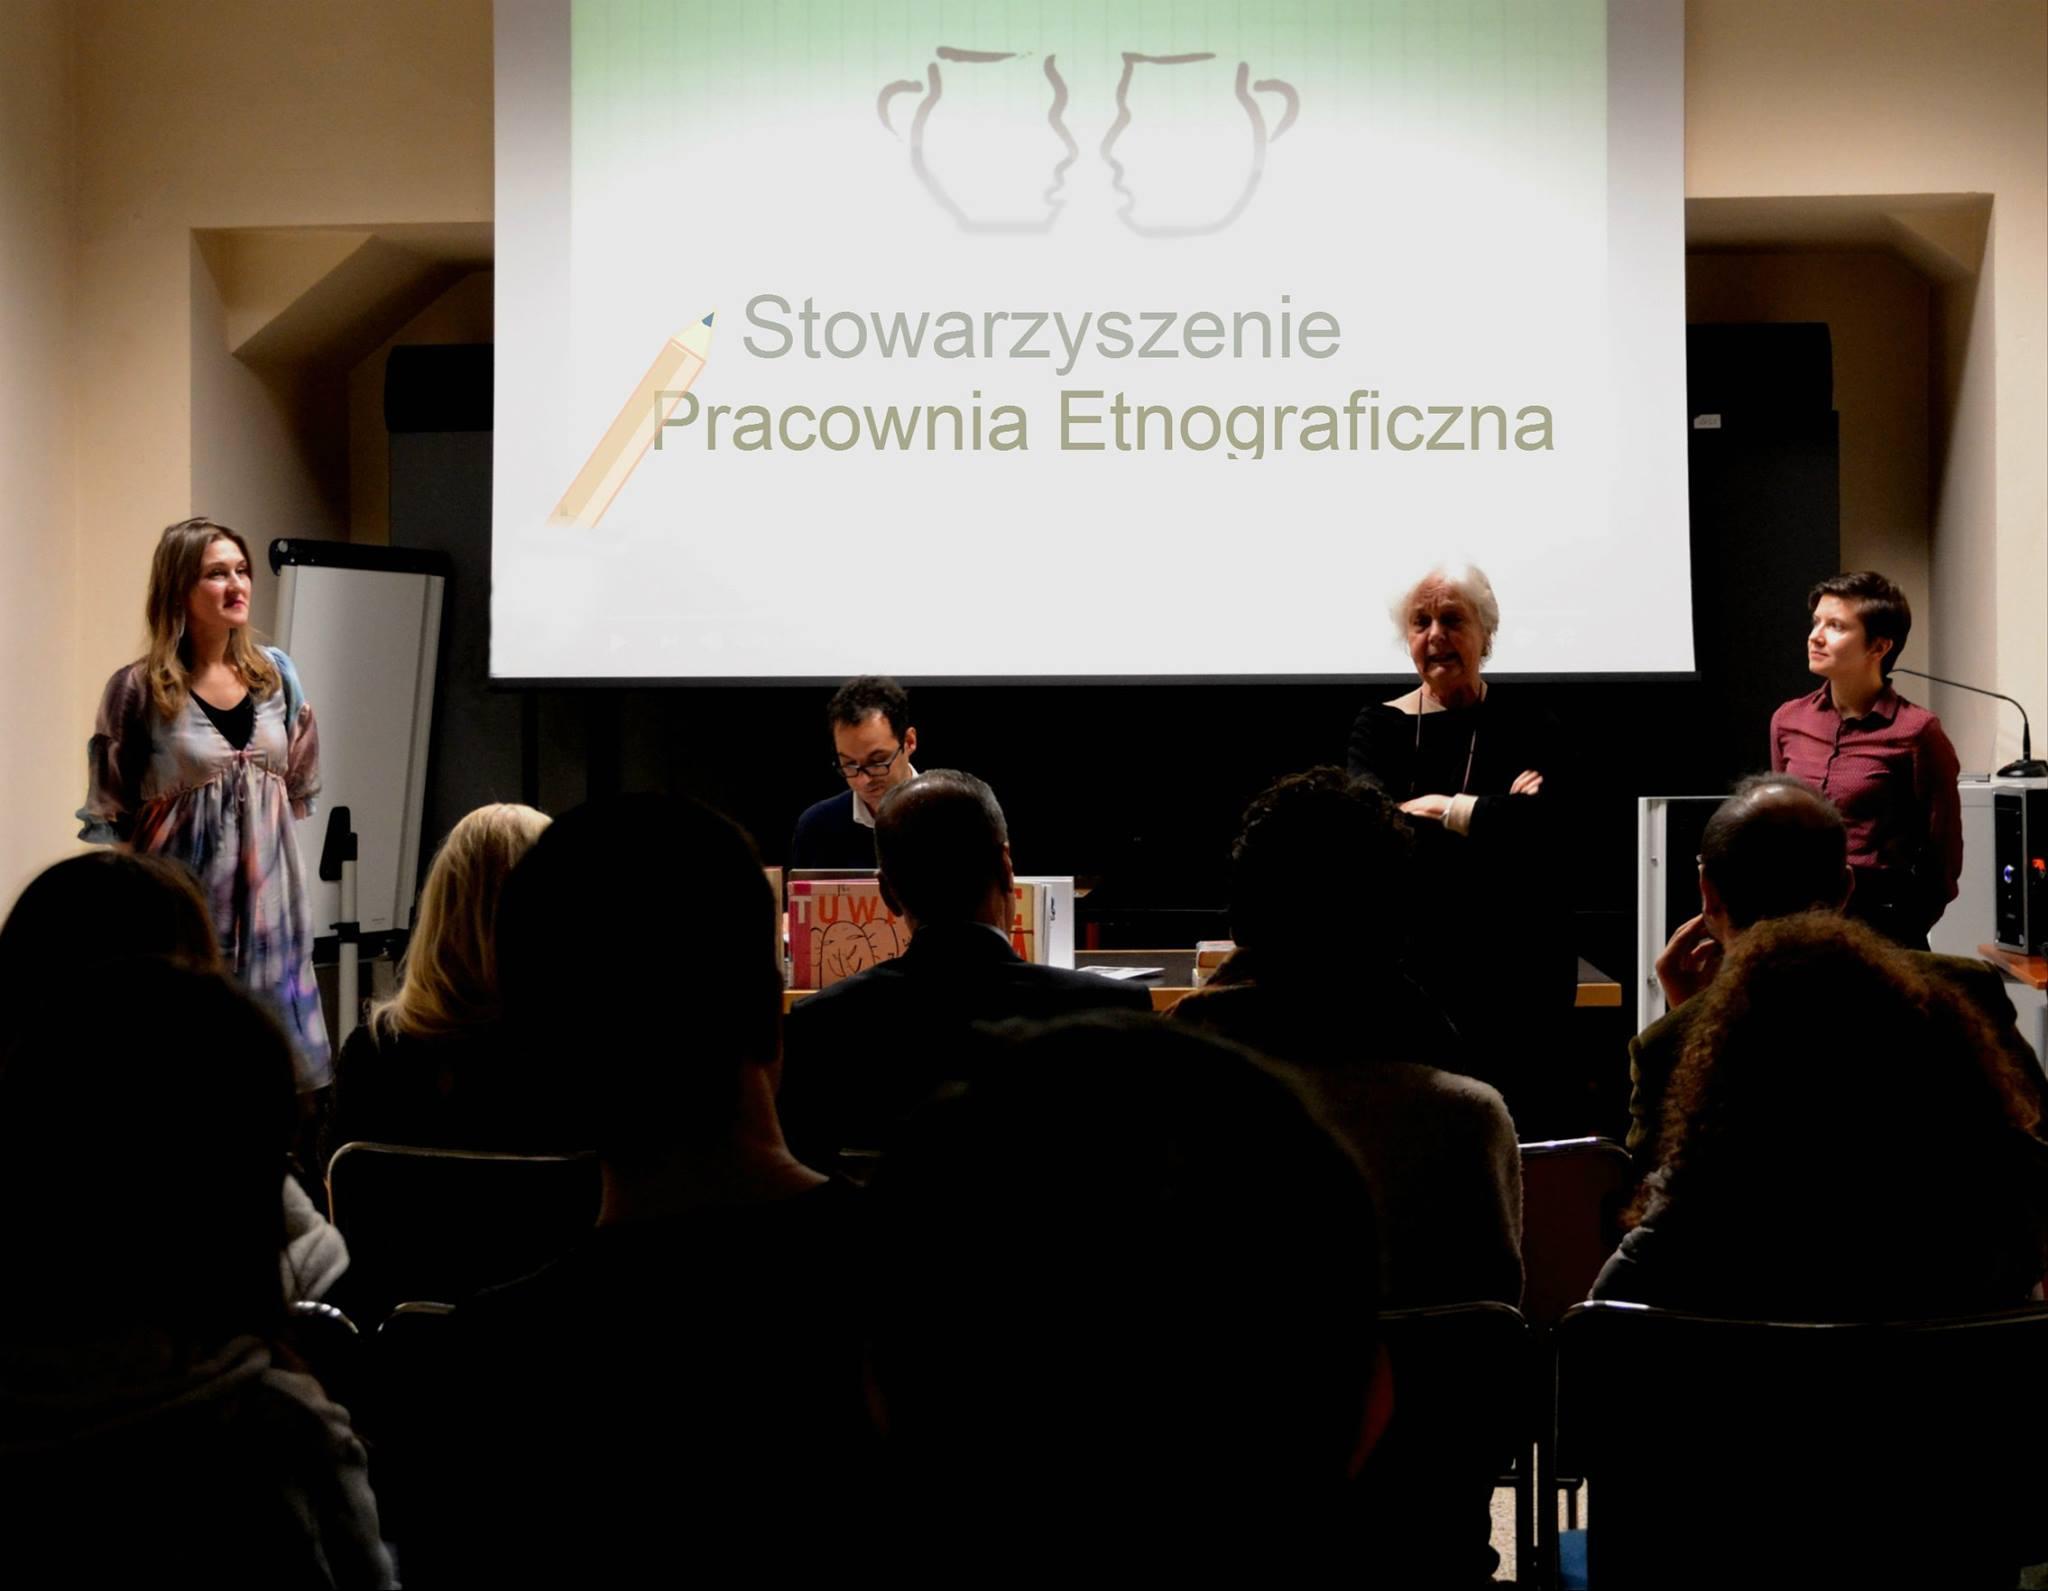 bolonia-wieczor-literatury-7-polacy-we-wloszech